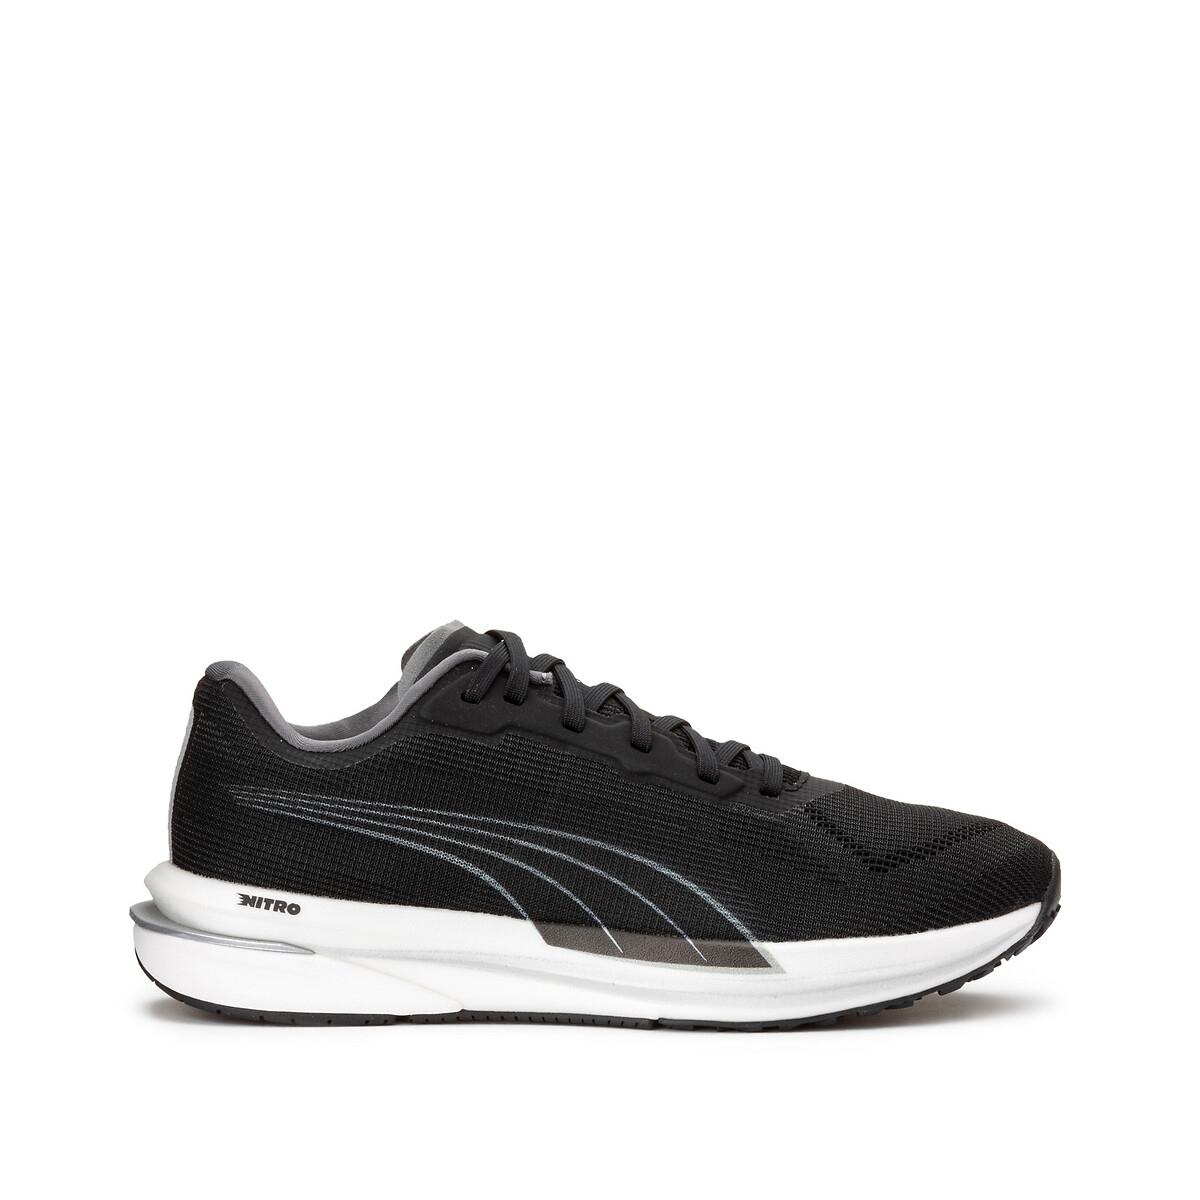 Puma Velocity Nitro Wns sportschoenen zwart/zilver online kopen